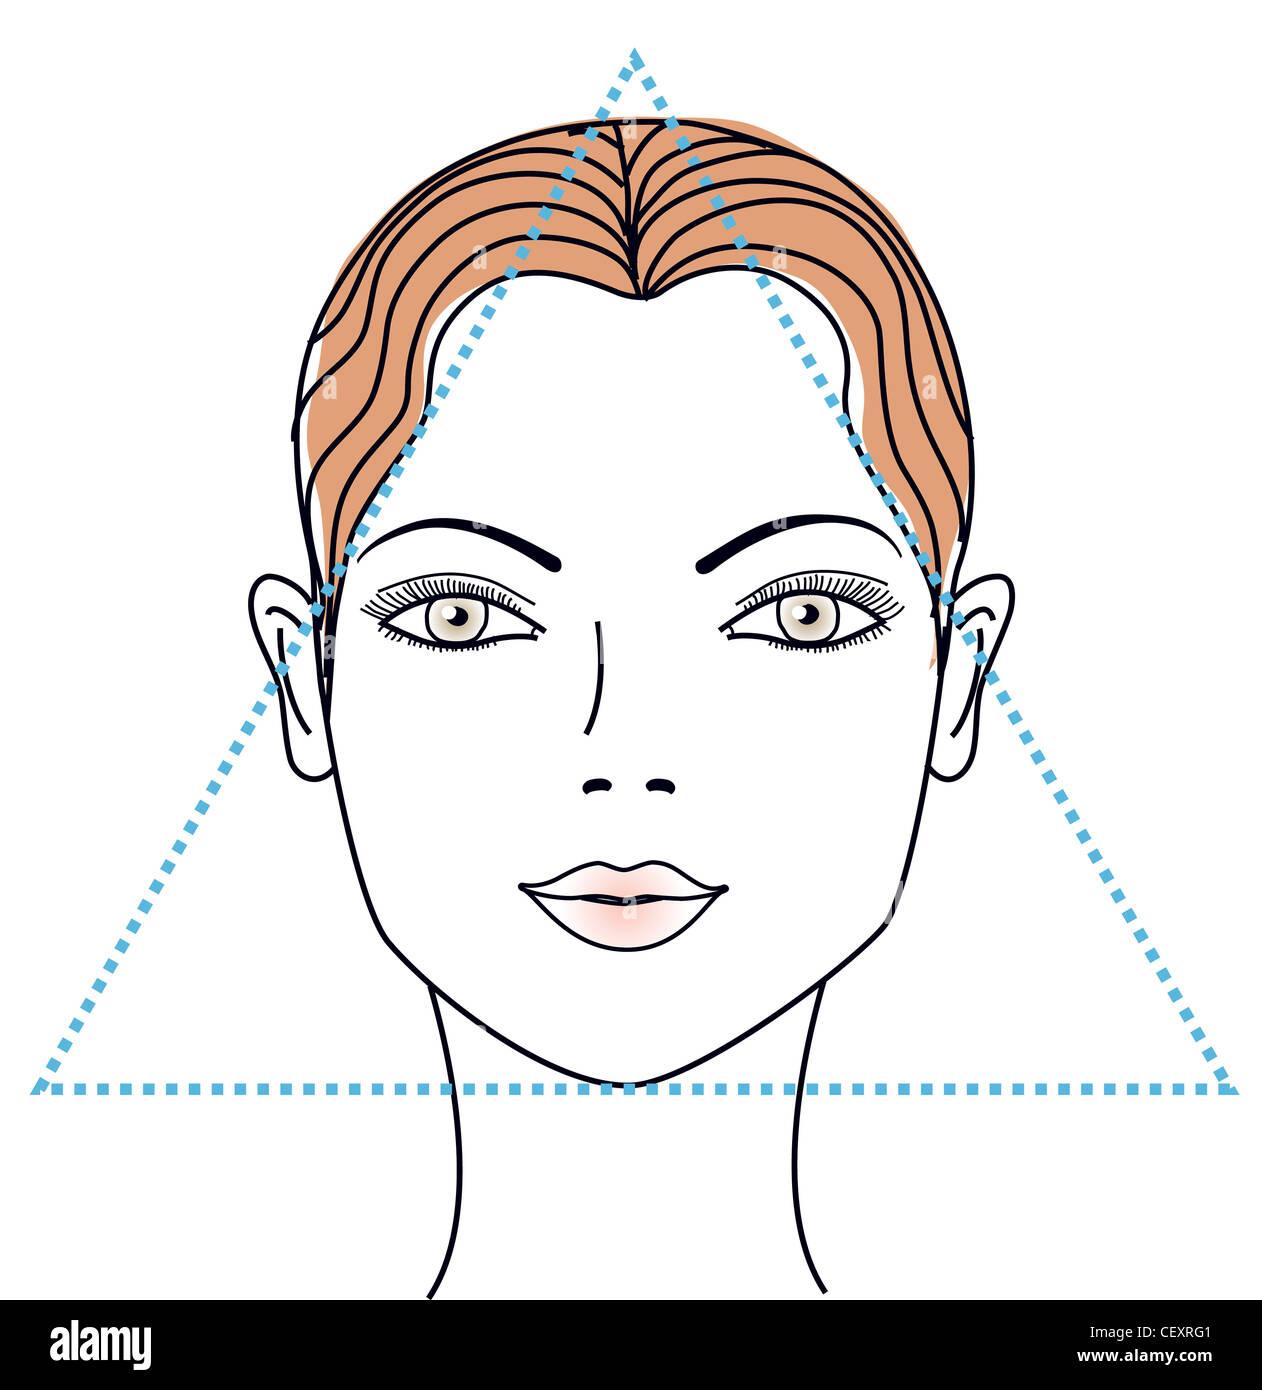 Fein Glasrahmen Für Gesichtsformen Bilder - Benutzerdefinierte ...